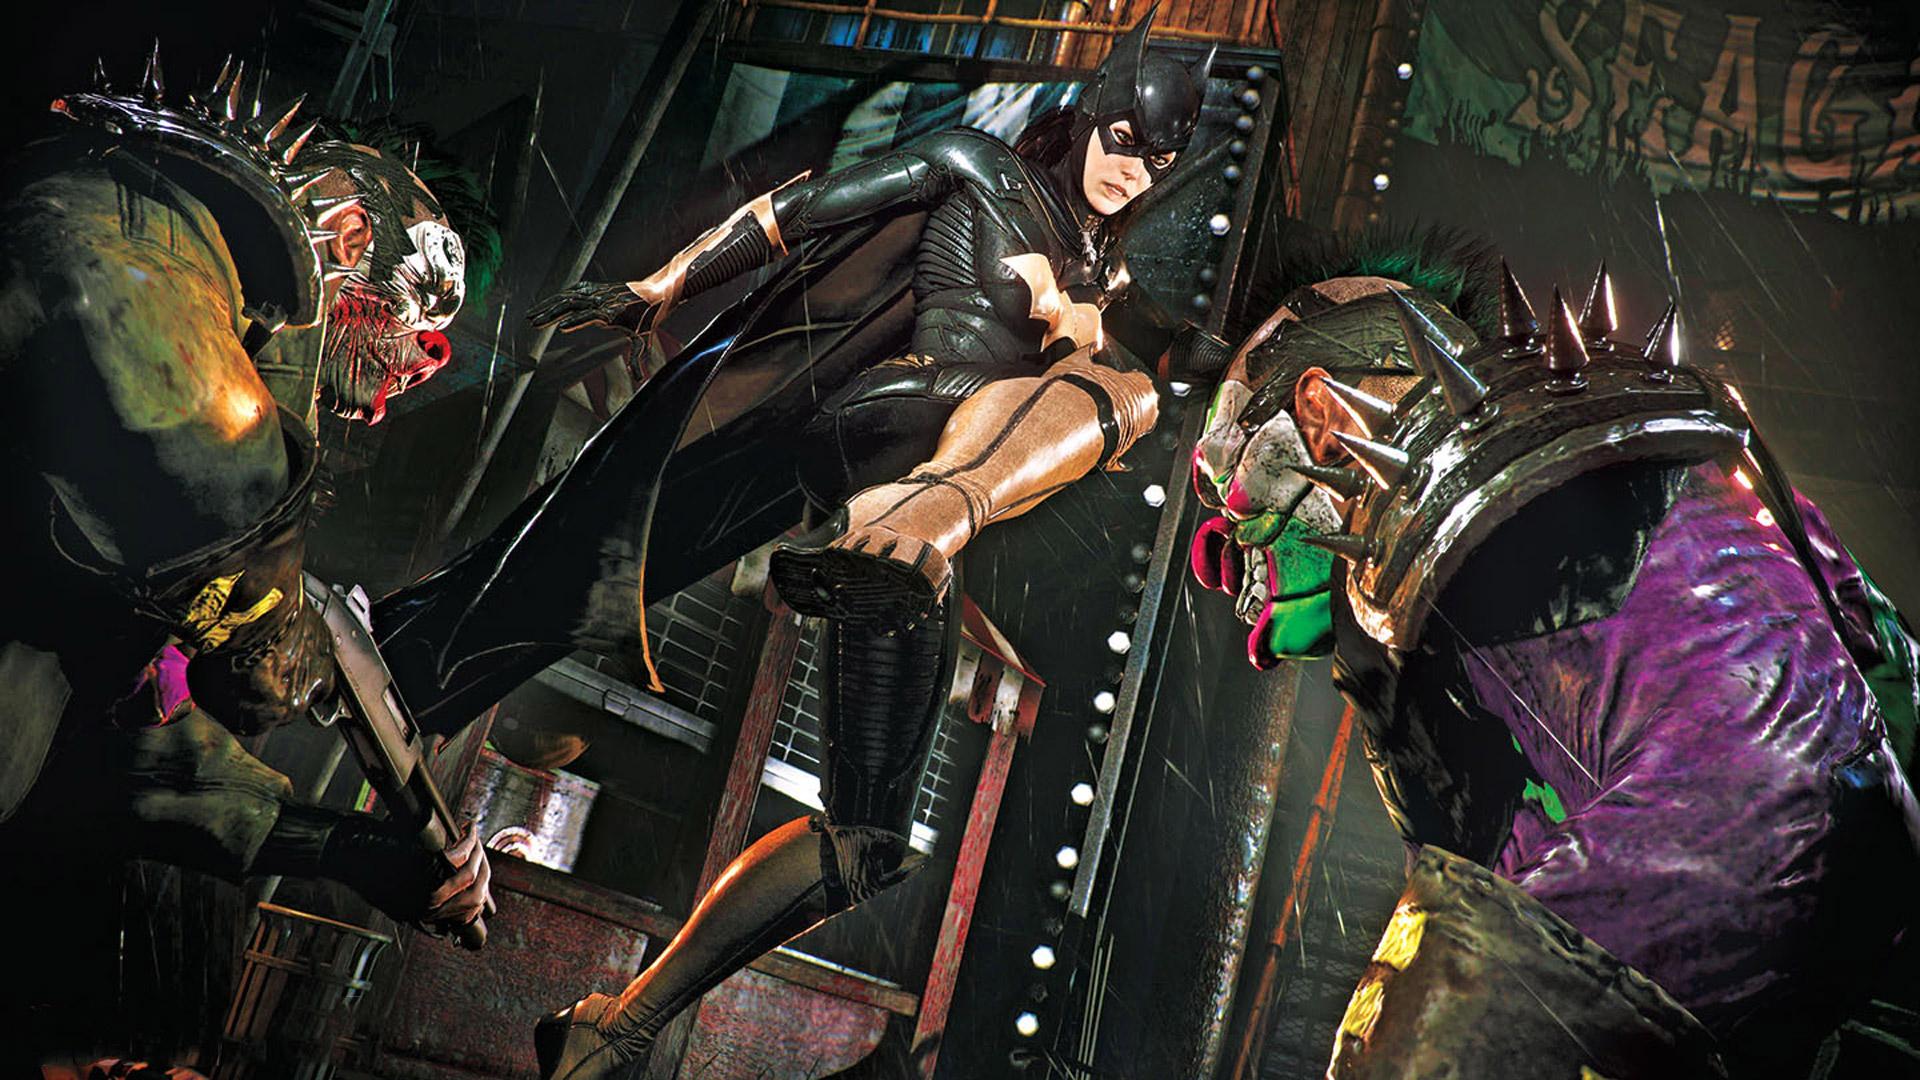 Batman: Arkham Knight Wallpaper in 1920x1080